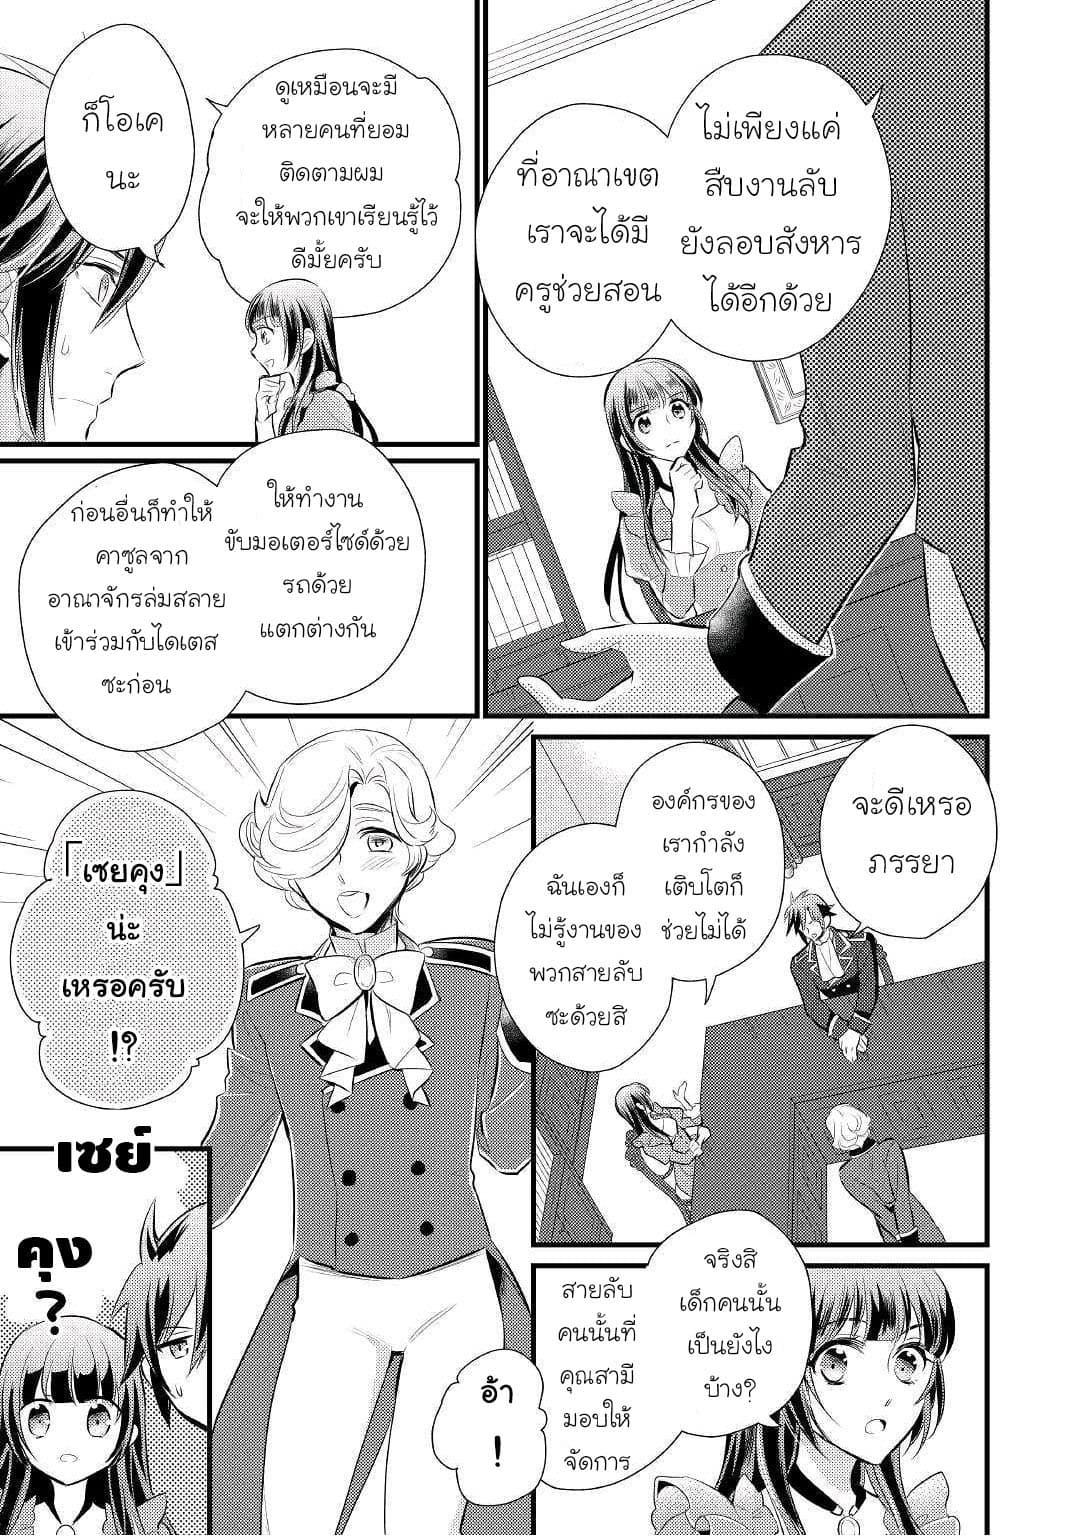 อ่านการ์ตูน Daites Ryou Koubouki ตอนที่ 13 หน้าที่ 14